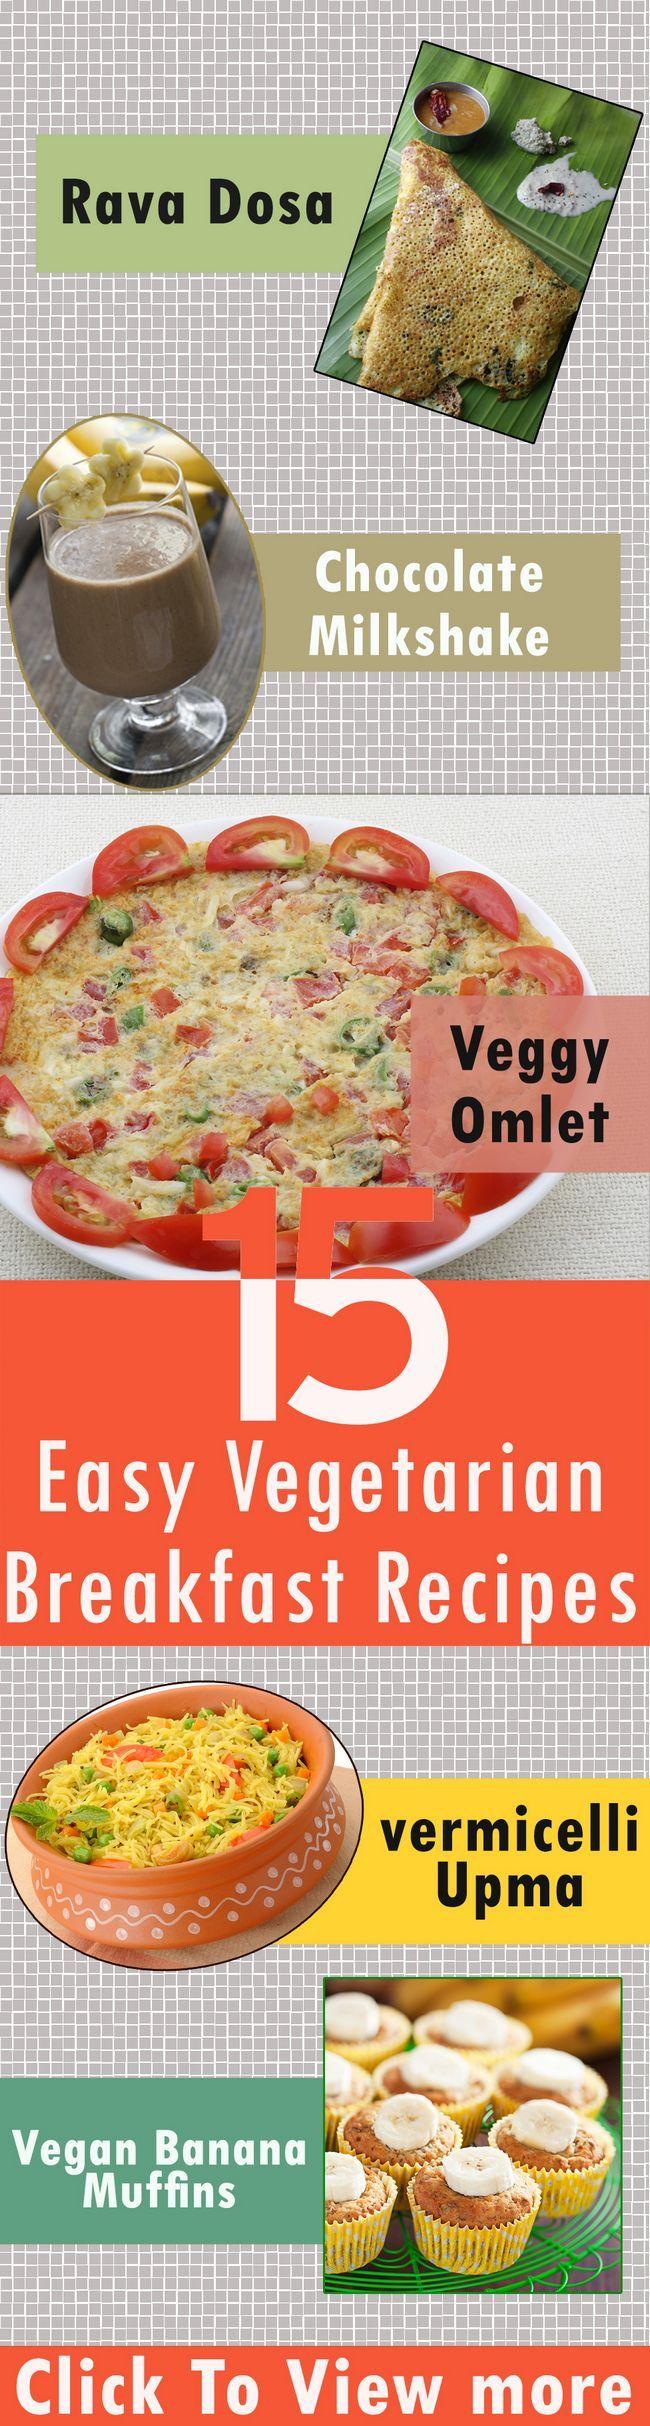 15 Einfach vegetarisches Frühstück Rezepte heute ausprobieren